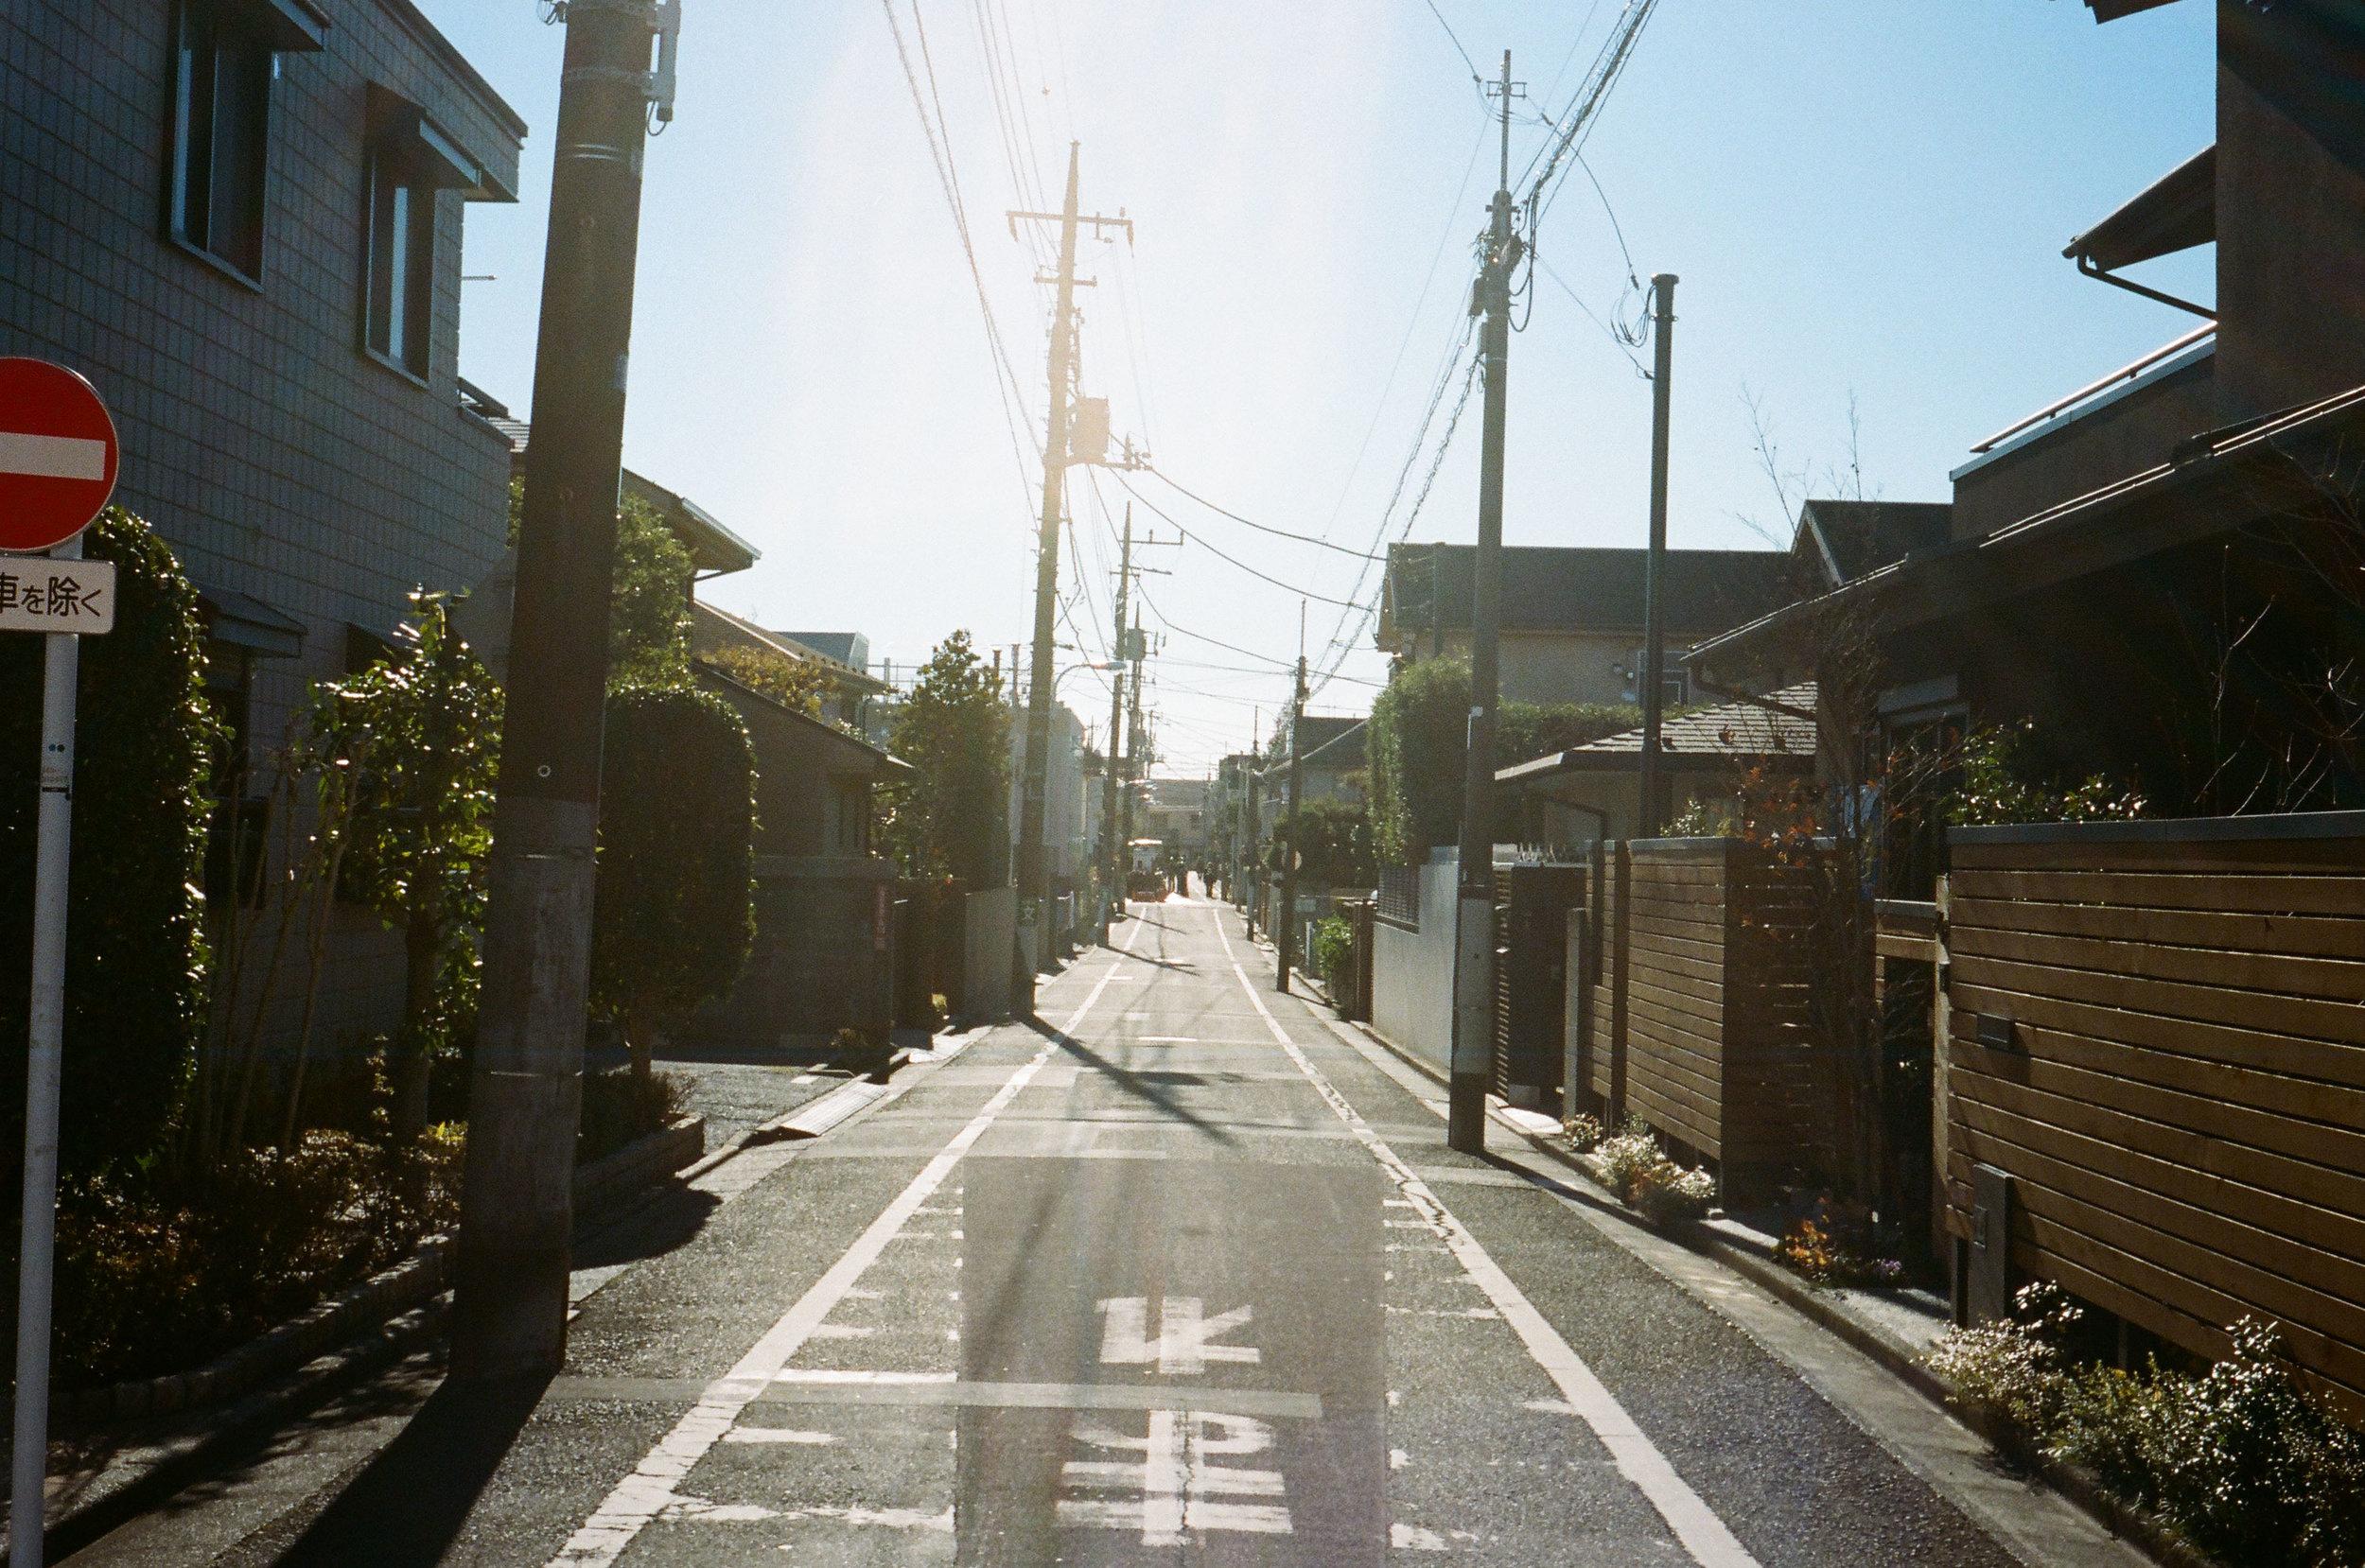 09-JAPON-numerique-Tokyo-decembre-2016-0041.jpg